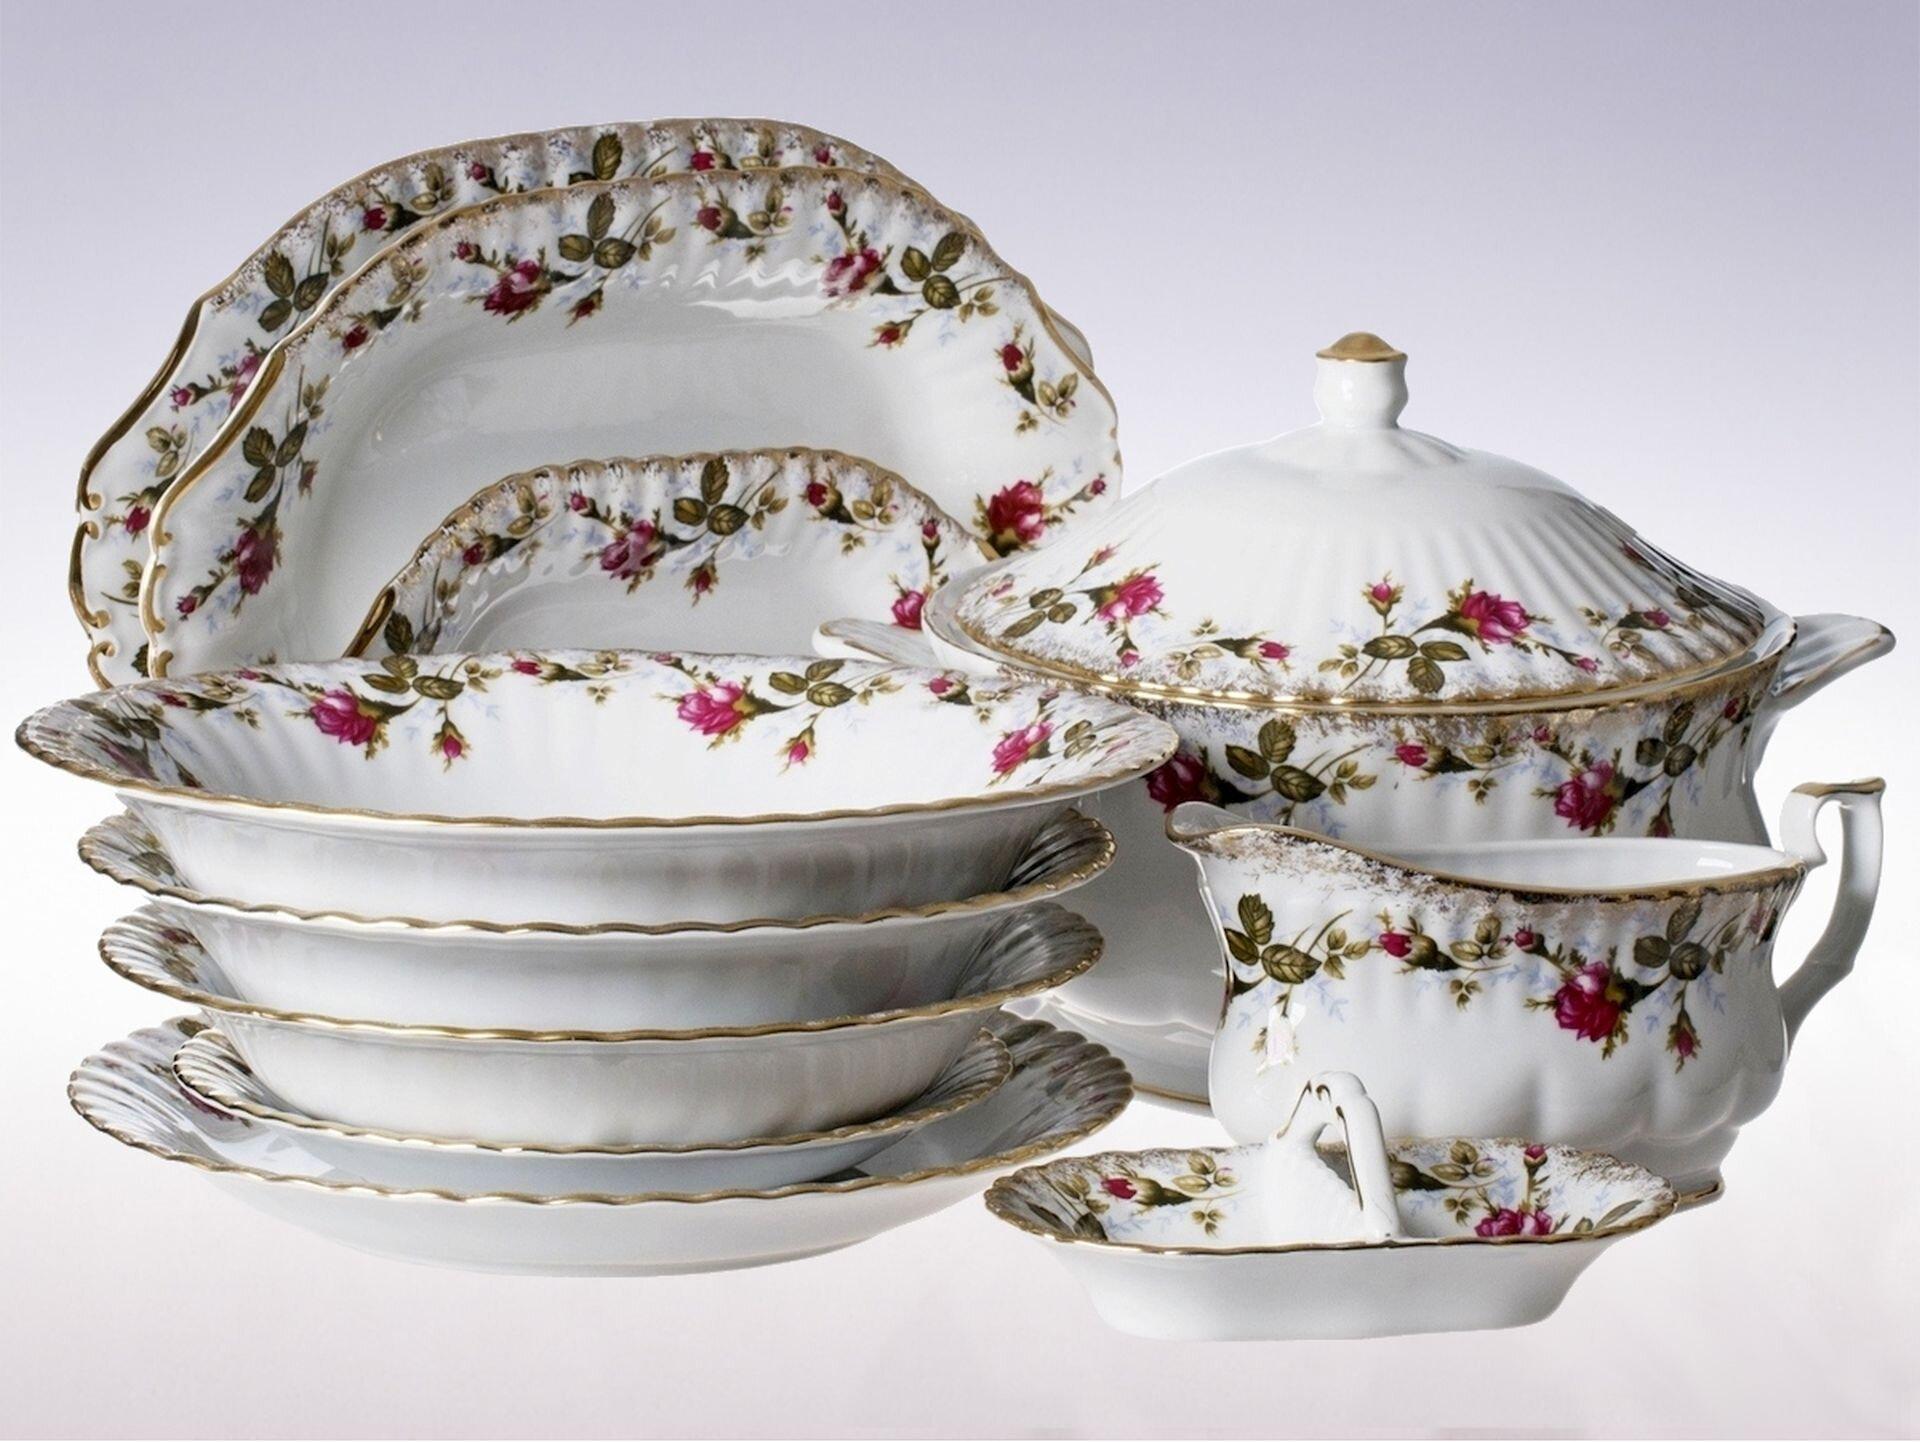 Ilustracja przedstawia porcelanę zĆmielowa. Jest to zestaw talerzy, waza, sosjerka. Porcelana jest biała zdobiona bordowymi kwiatami na bokach, abrzegi są pomalowane złotym kolorem.